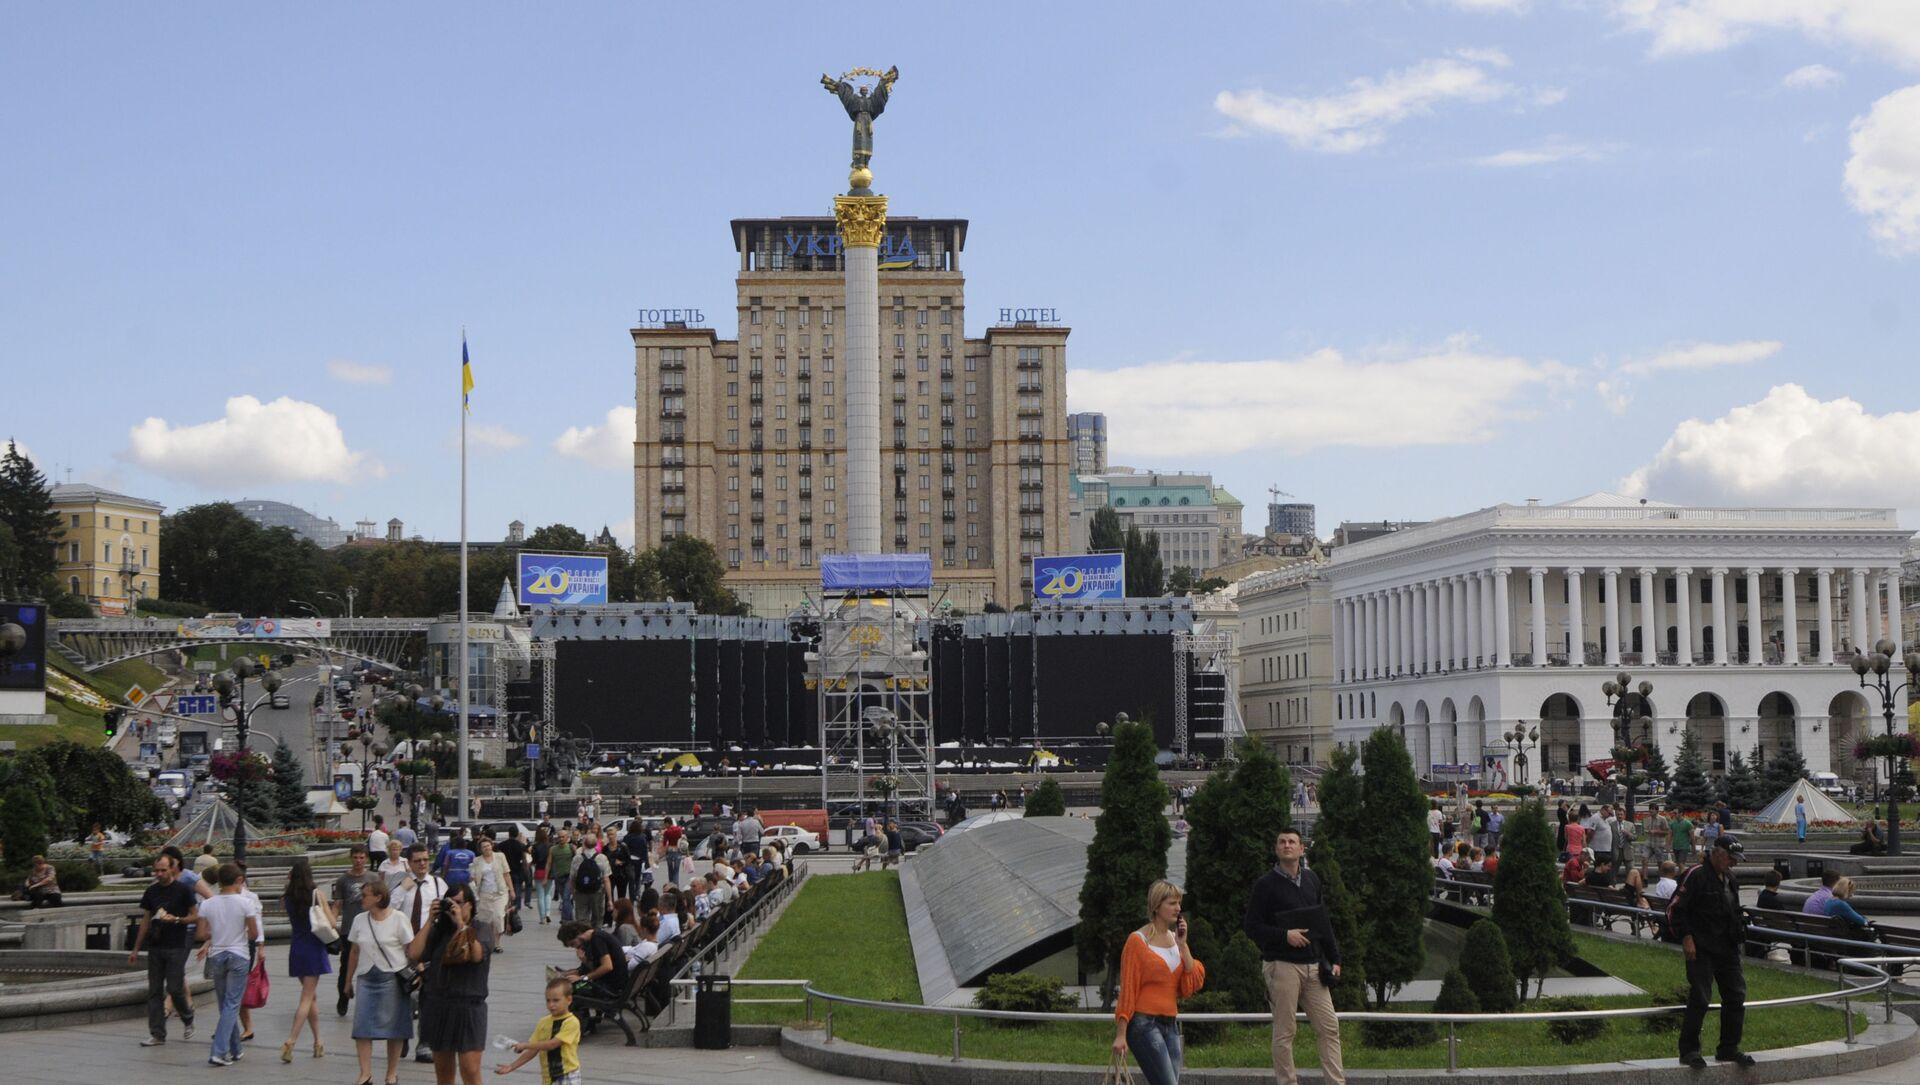 Вид на главную площадь Киева, Украина, понедельник, 22 августа 2011 г. Киев - один из четырех городов Украины, принимающих футбольный турнир Евро-2012 - Sputnik Абхазия, 1920, 02.09.2021